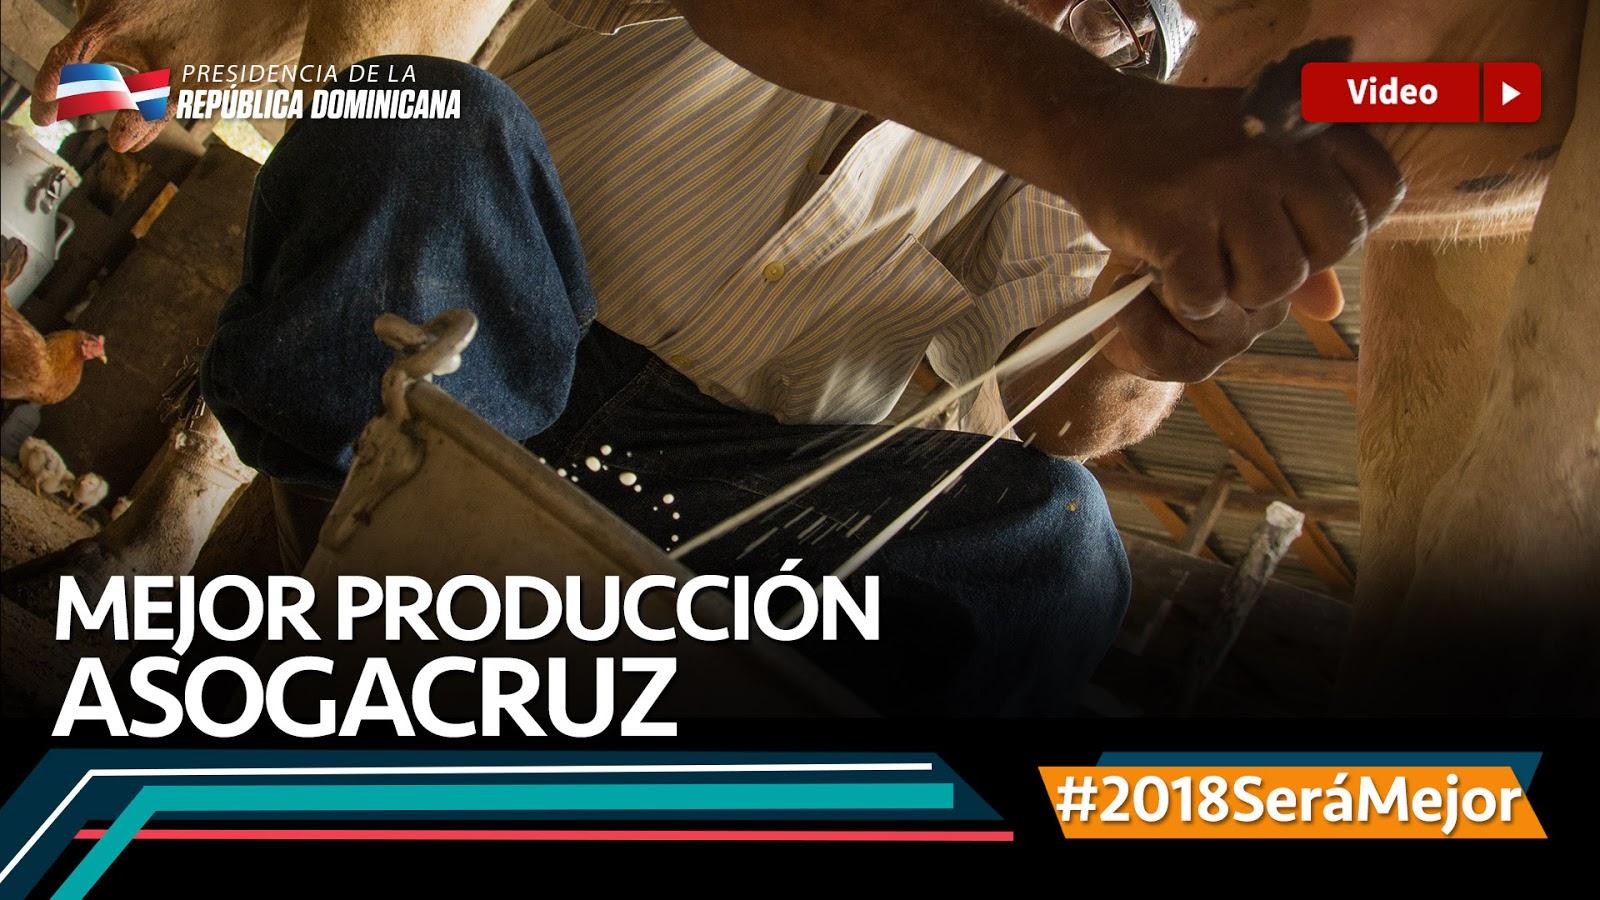 IDEO: Mejor producción: Asogracruz